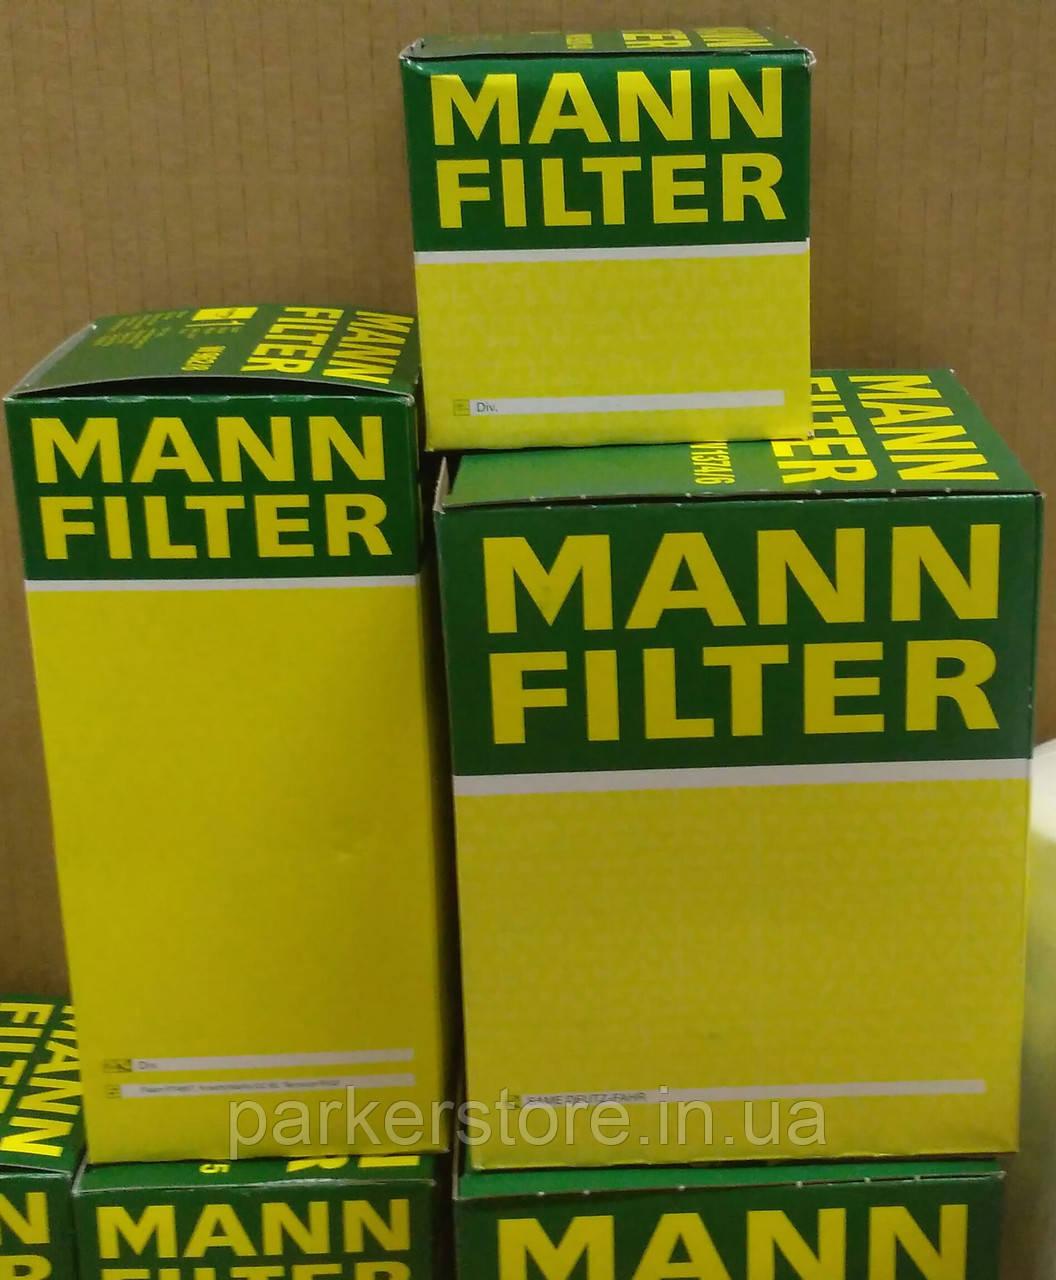 MANN FILTER / Воздушный фильтр / C 1131 / C1131